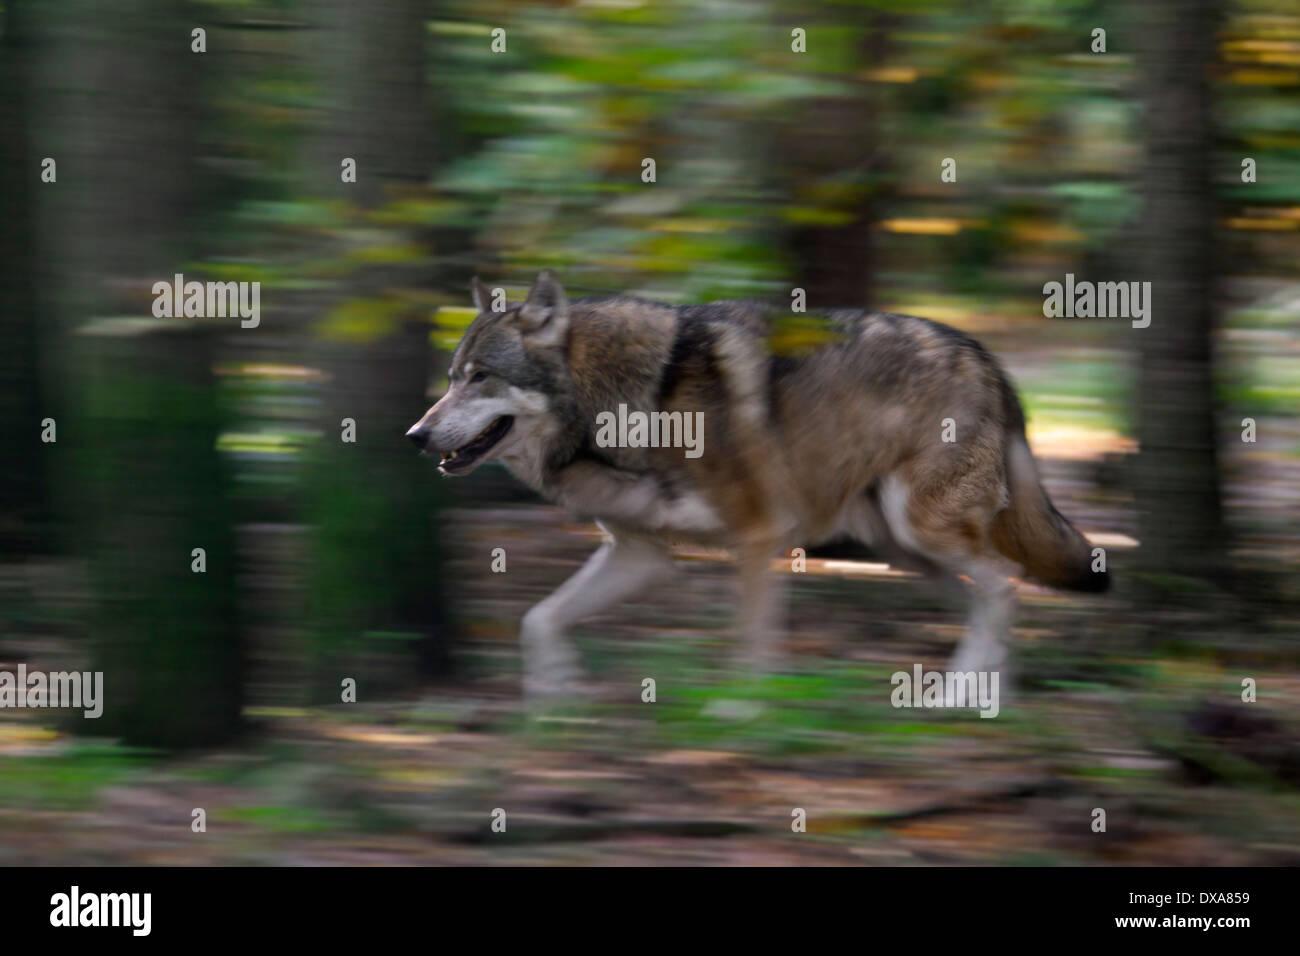 Eurasische Wolf (Canis Lupus Lupus) laufen im Wald zeigen Bewegung verwischen Stockbild